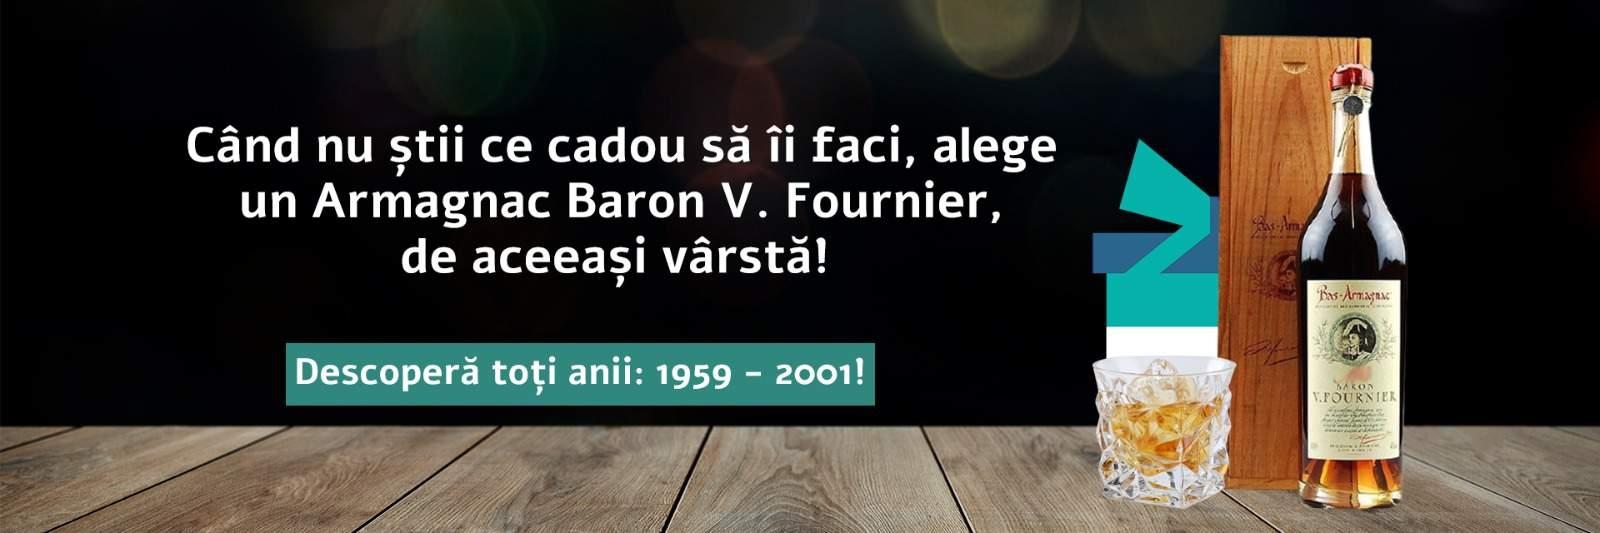 Armagnac Baron - Idei Cadouri